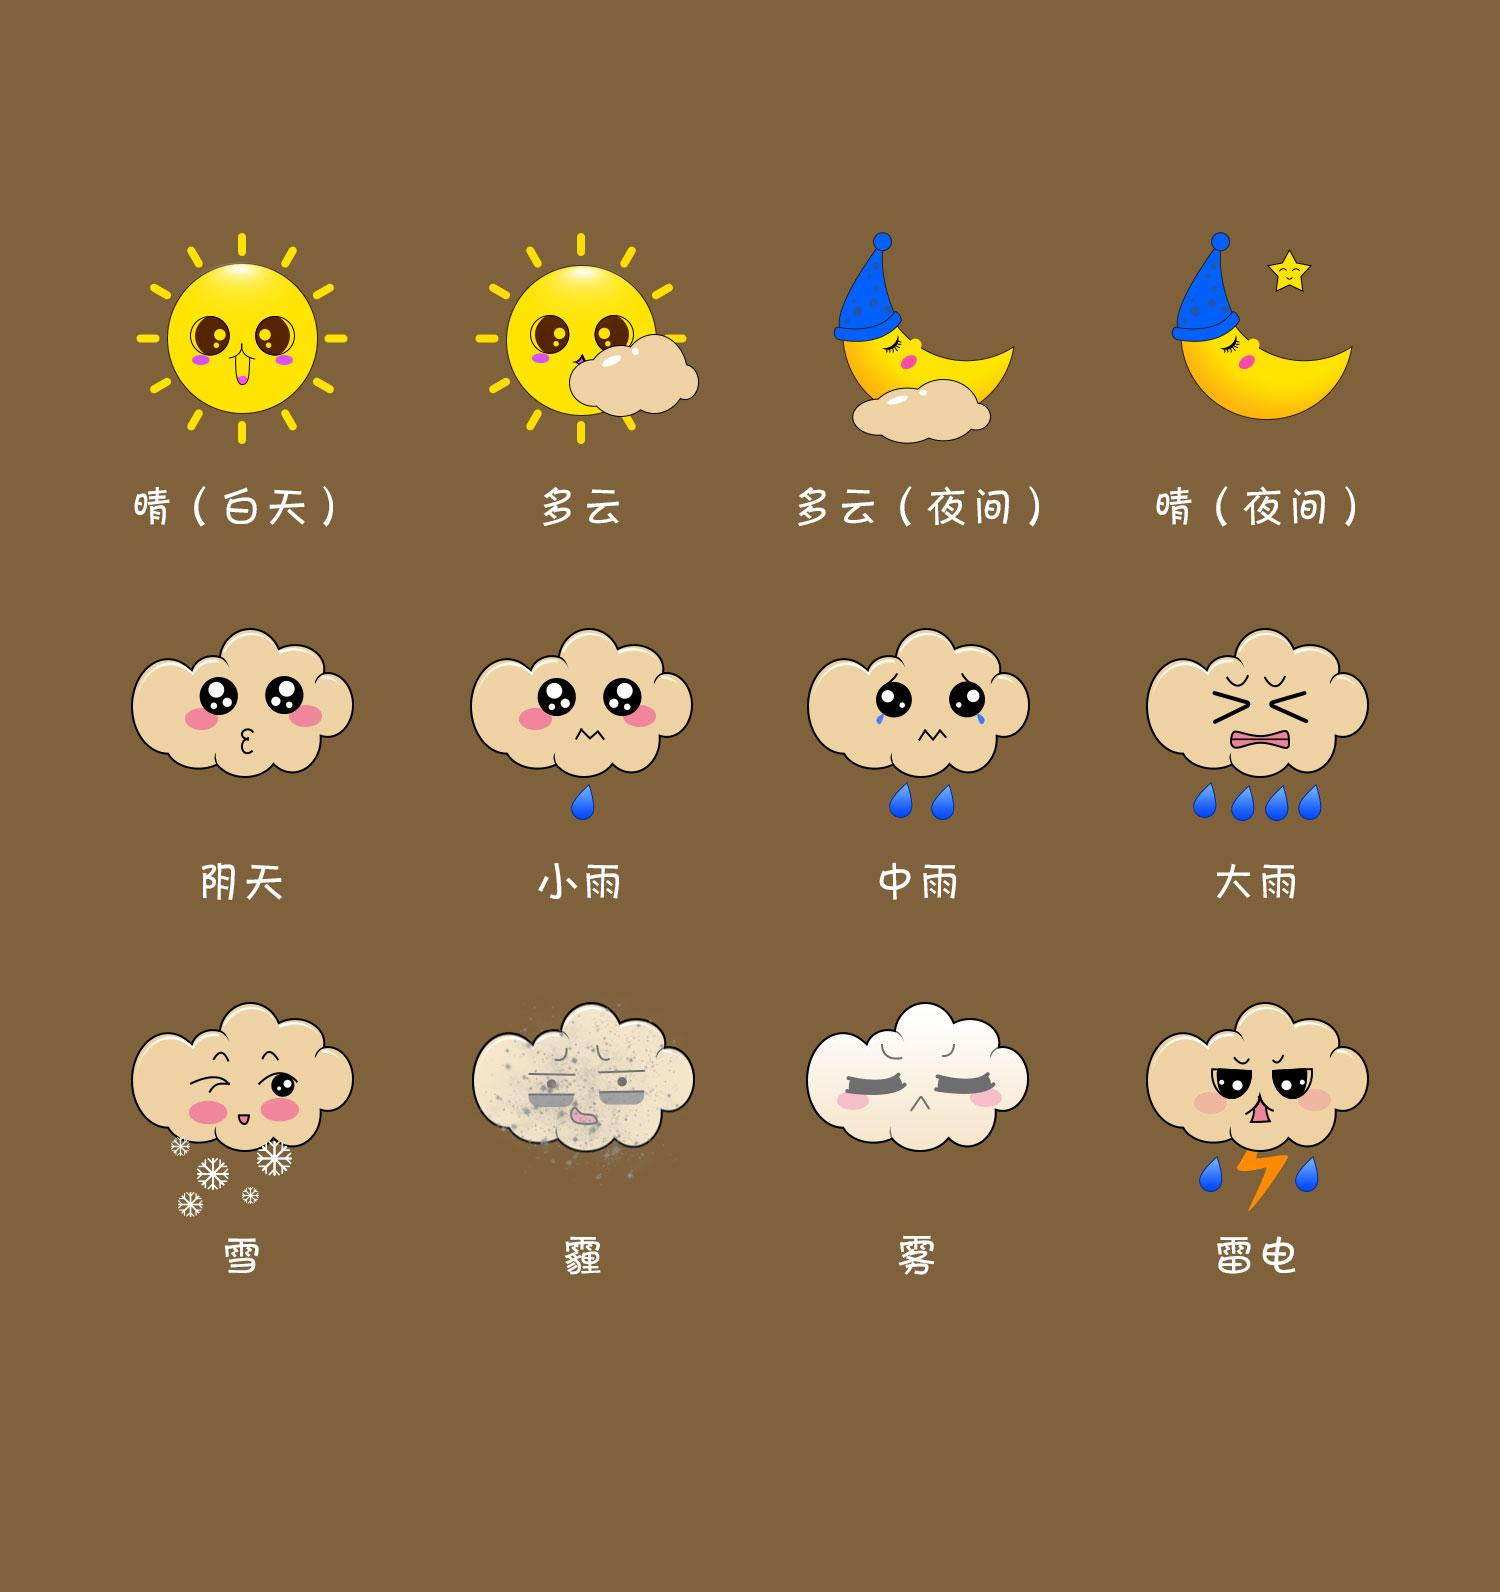 一组卡通天气图标,表情做了参照,应该没